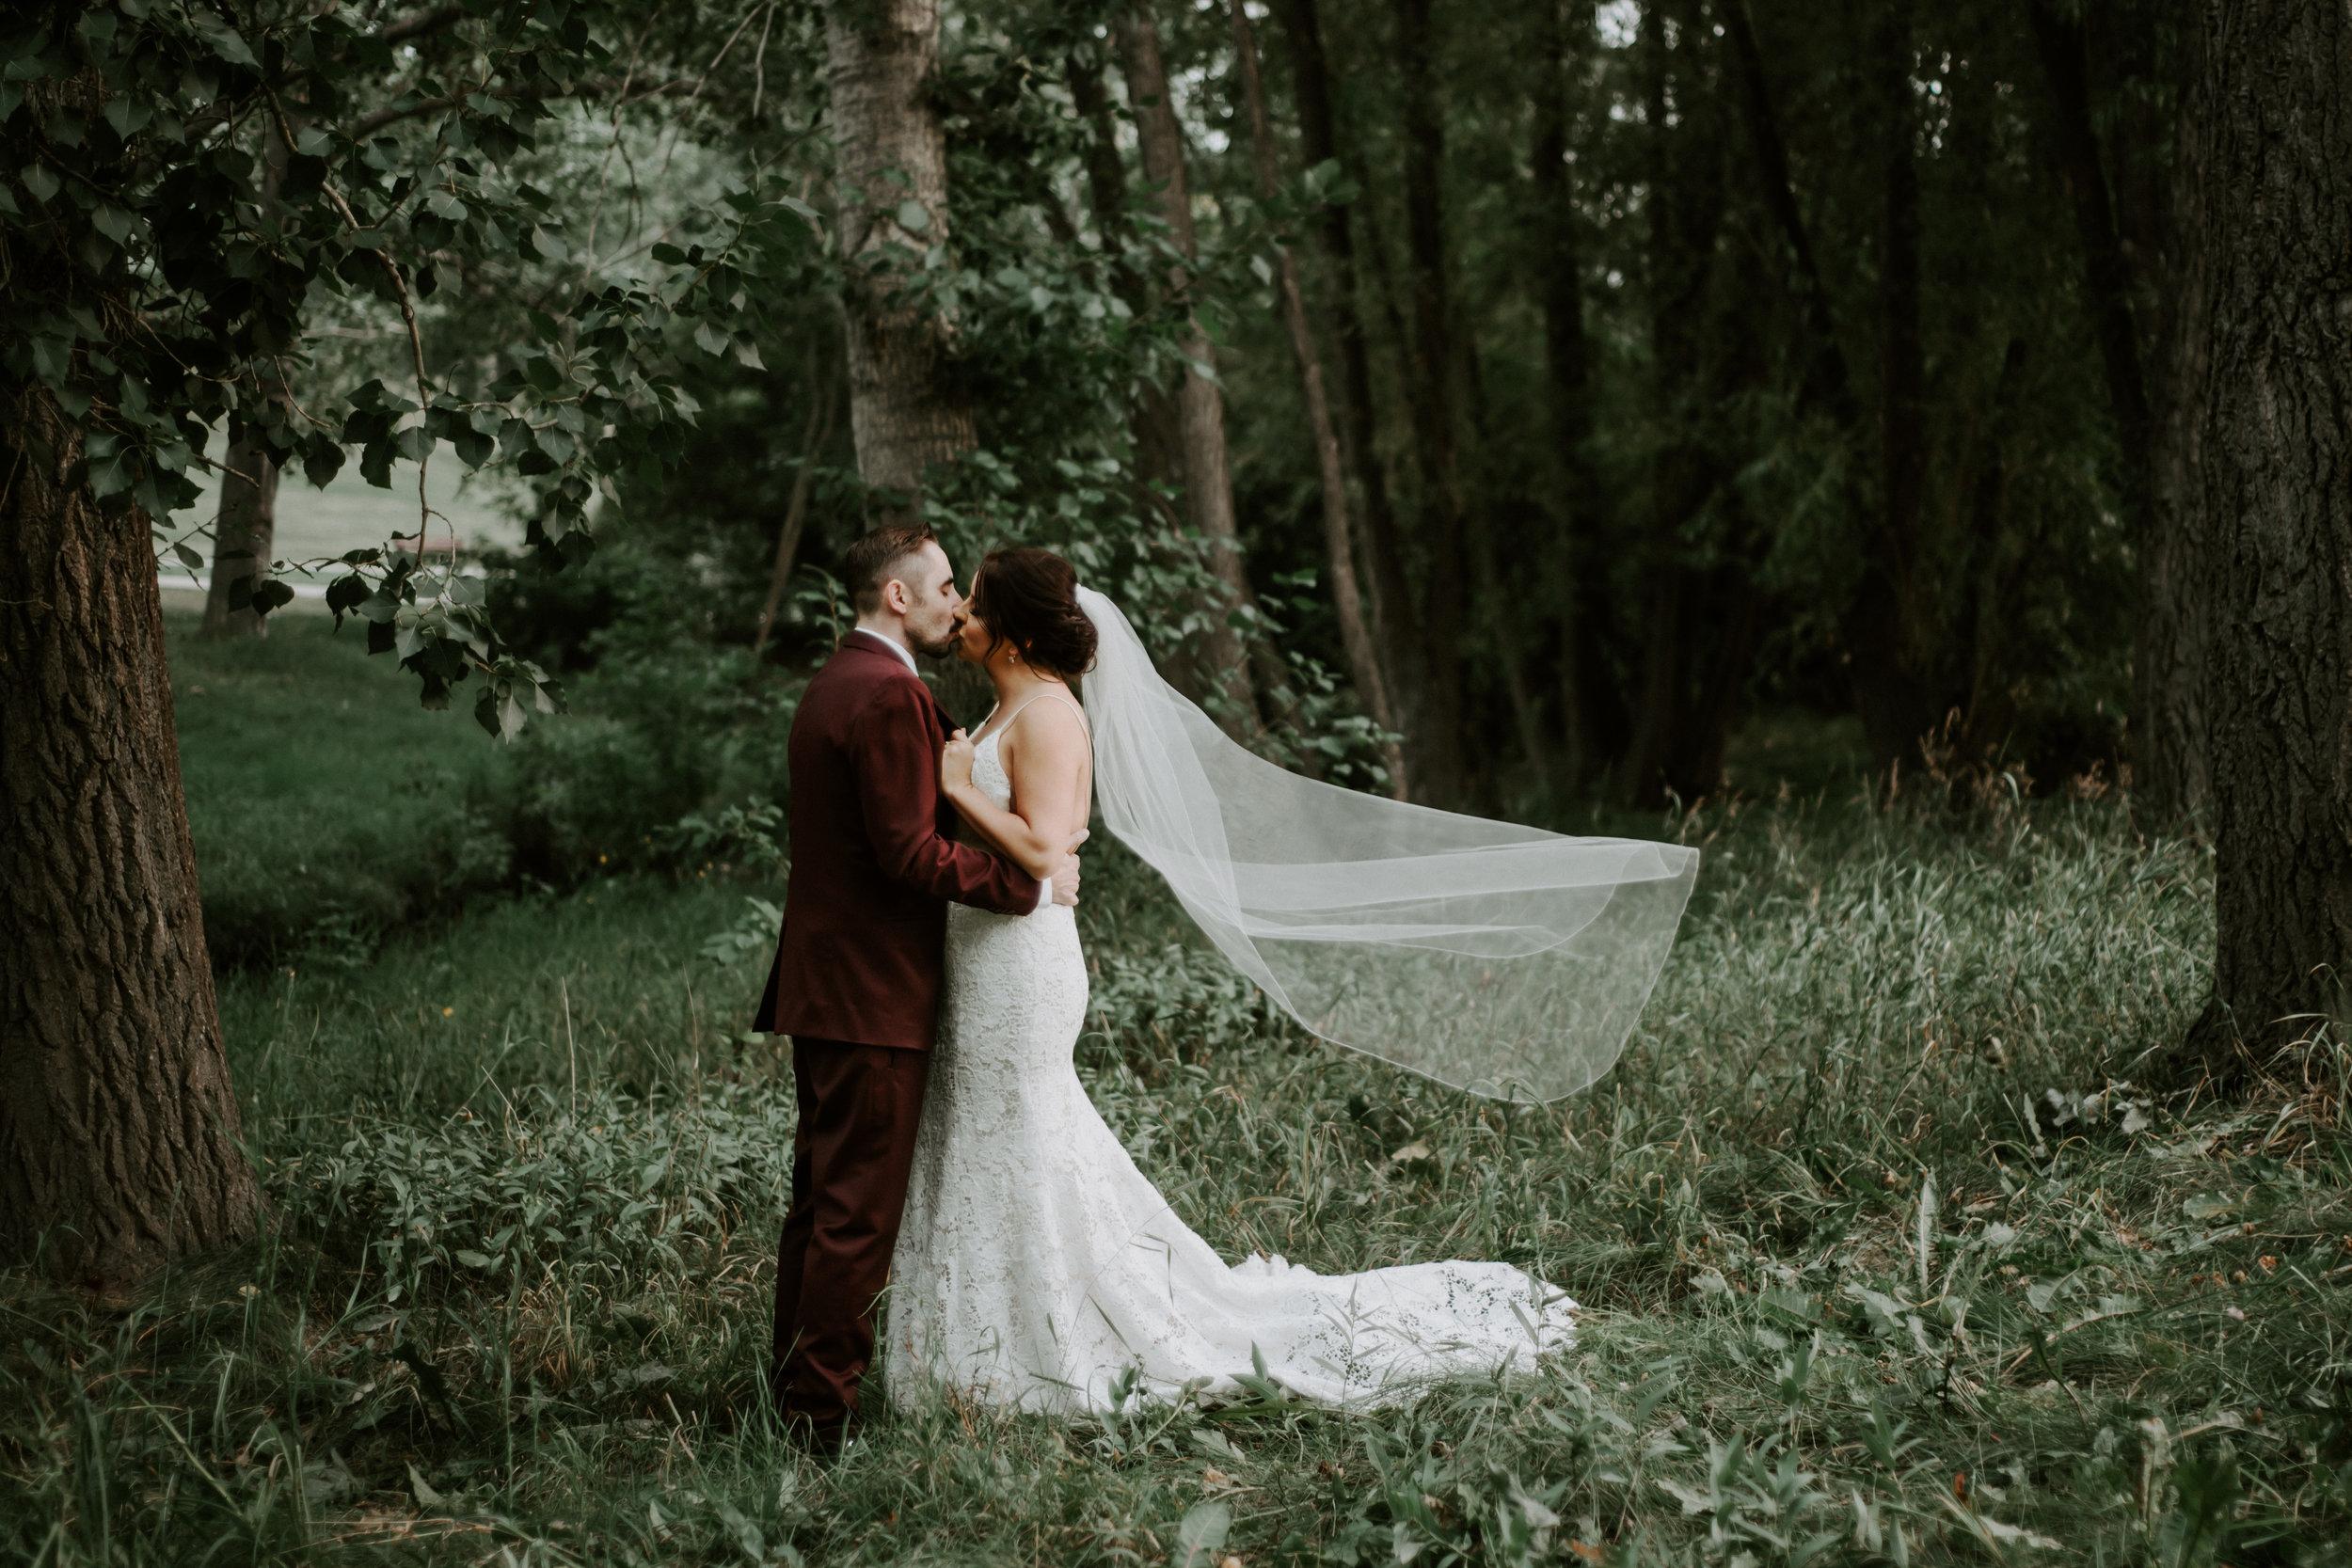 Calgary Wedding Photographer - 66 of 84.jpg